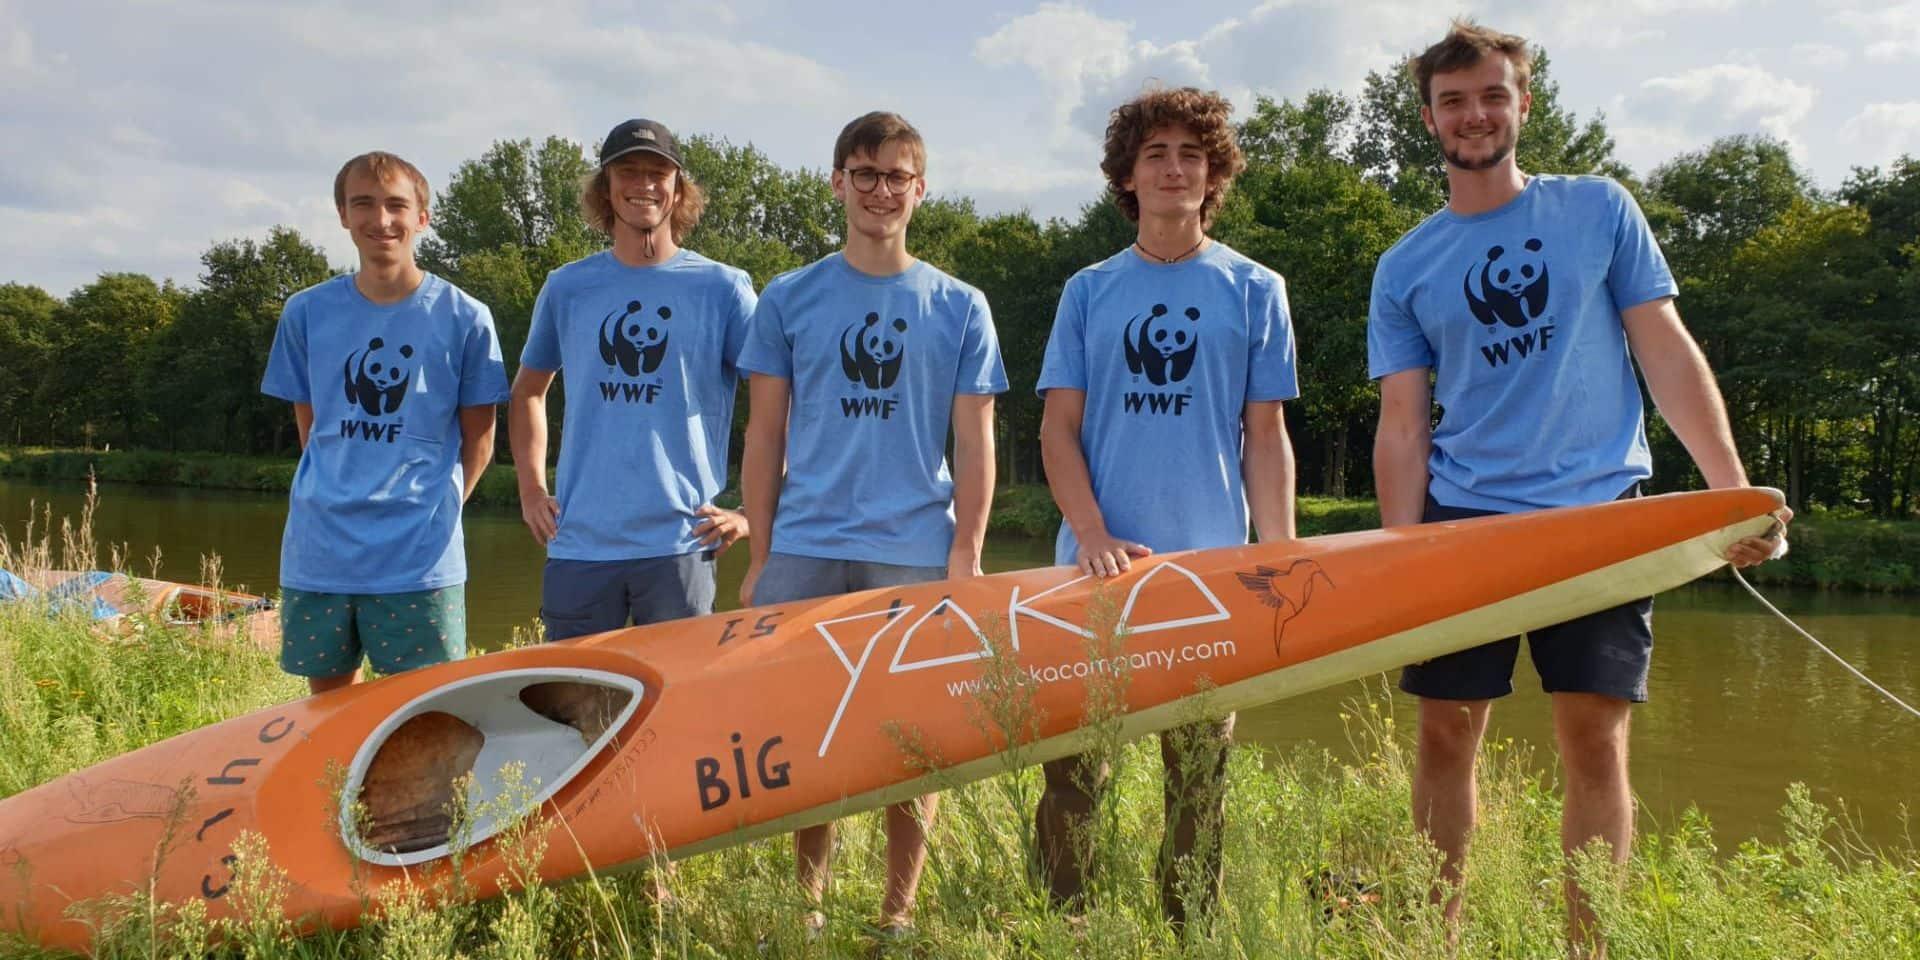 180 000 coups de pagaie et 2 000 € pour WWF grâce à leur épopée en kayak